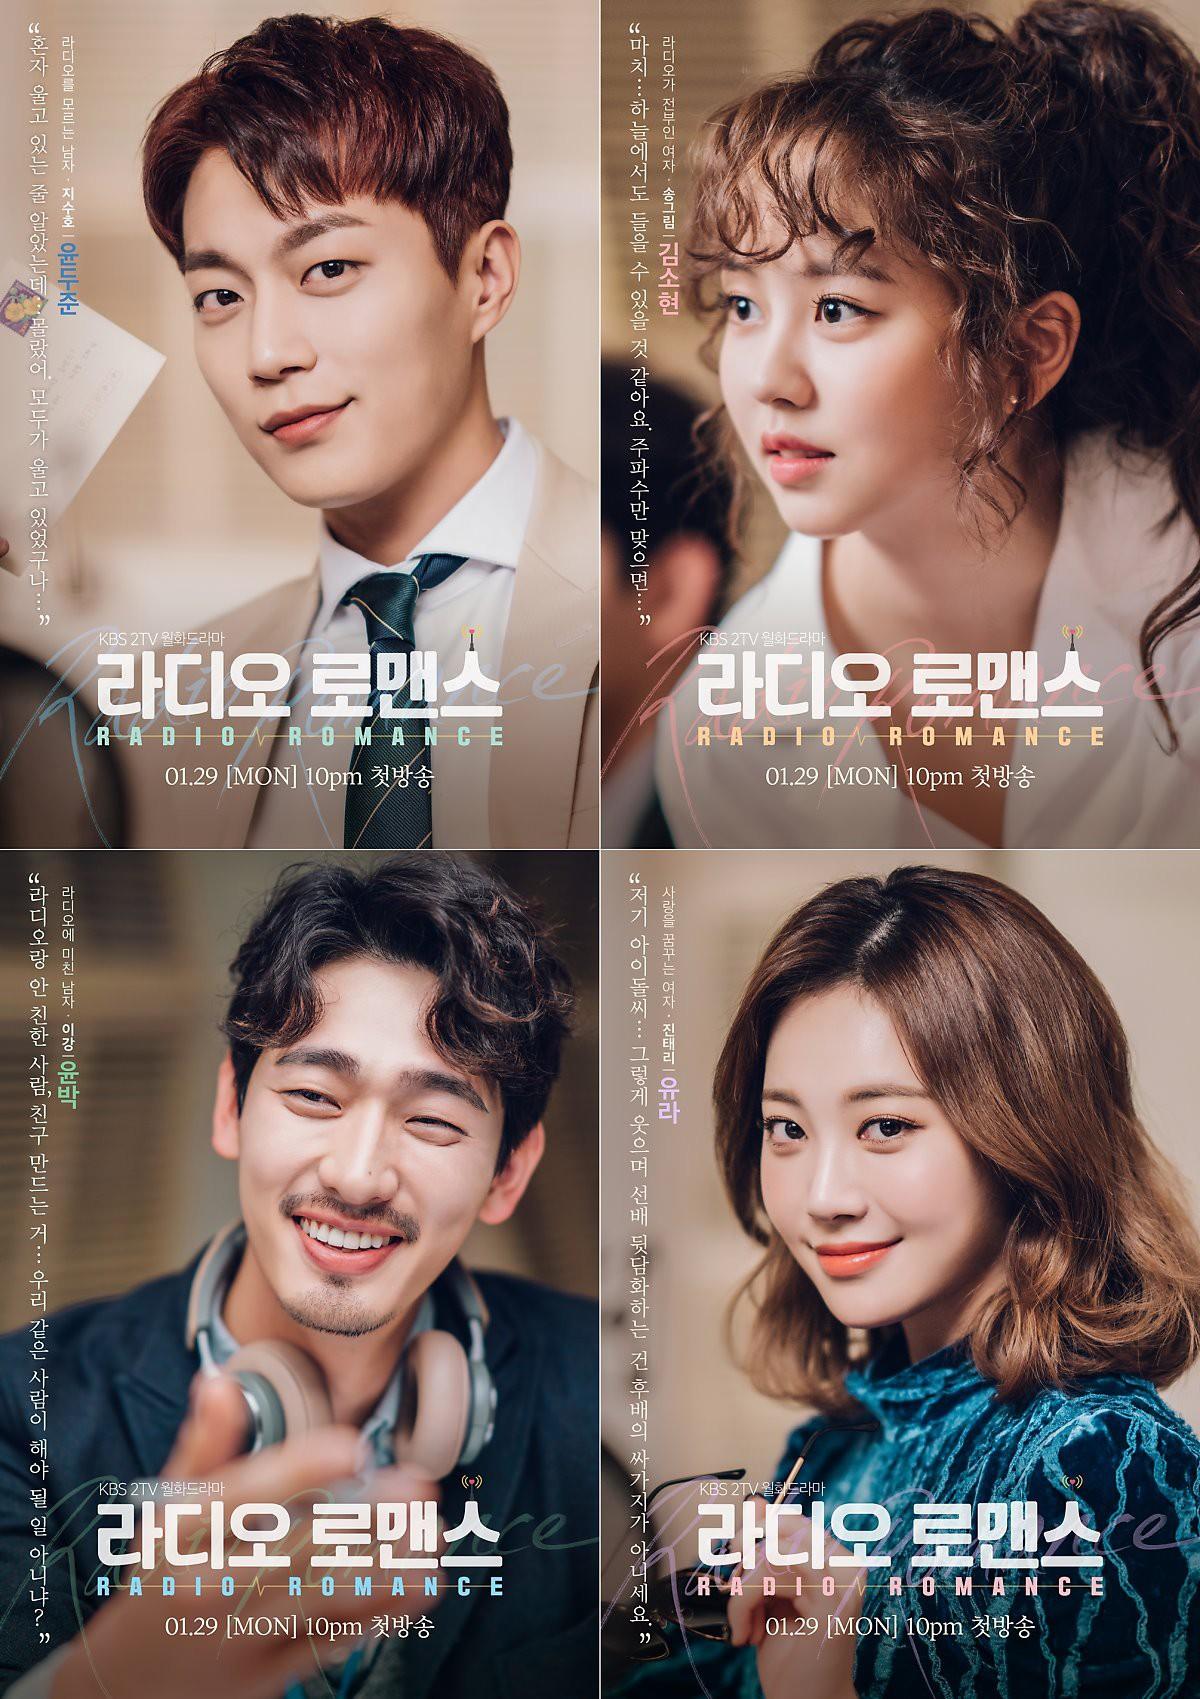 Radio Romance khởi đầu tương đối, Yoon Doo Joon và Kim So Hyun được khen ngợi - Ảnh 6.